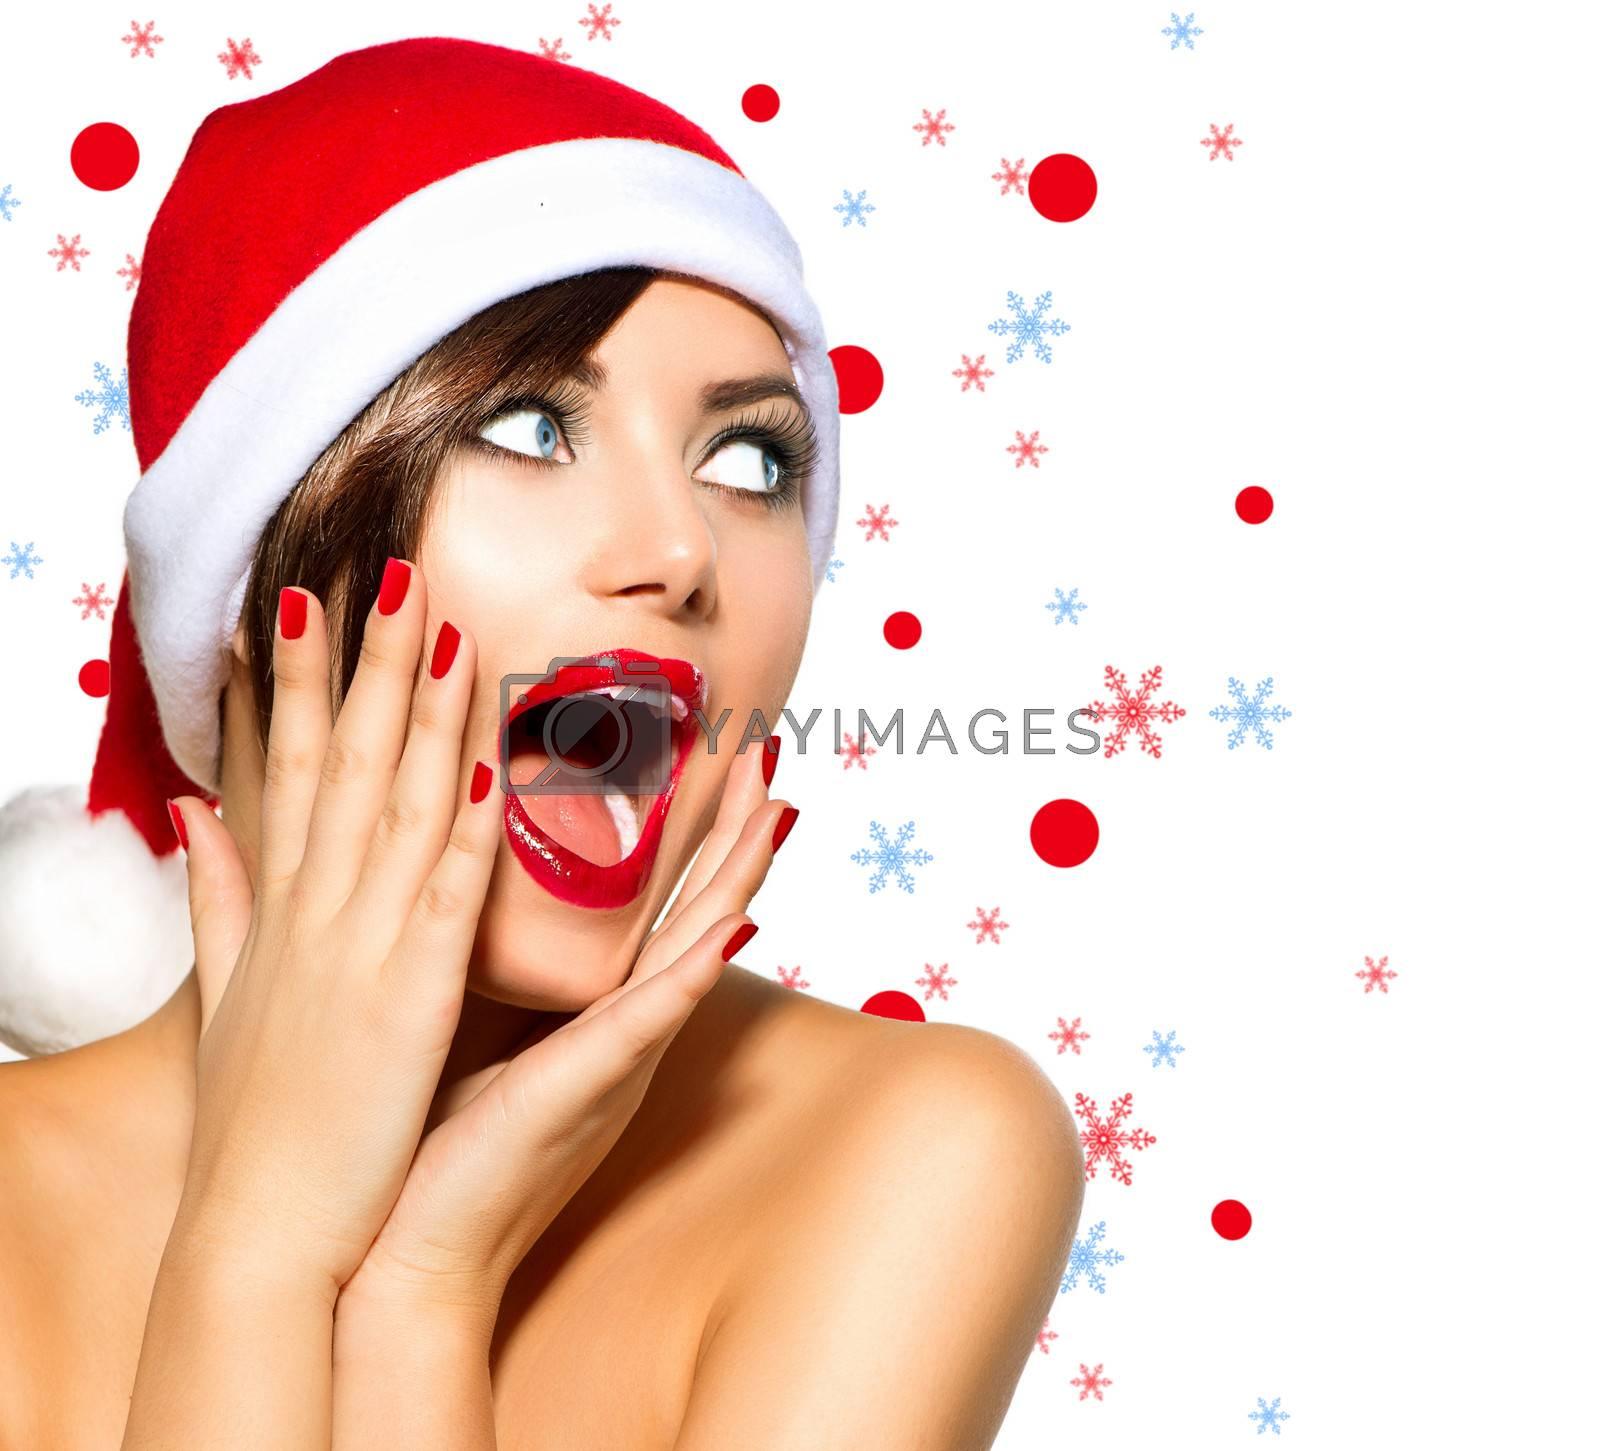 Christmas Woman. Beauty Model Girl in Santa Hat over White